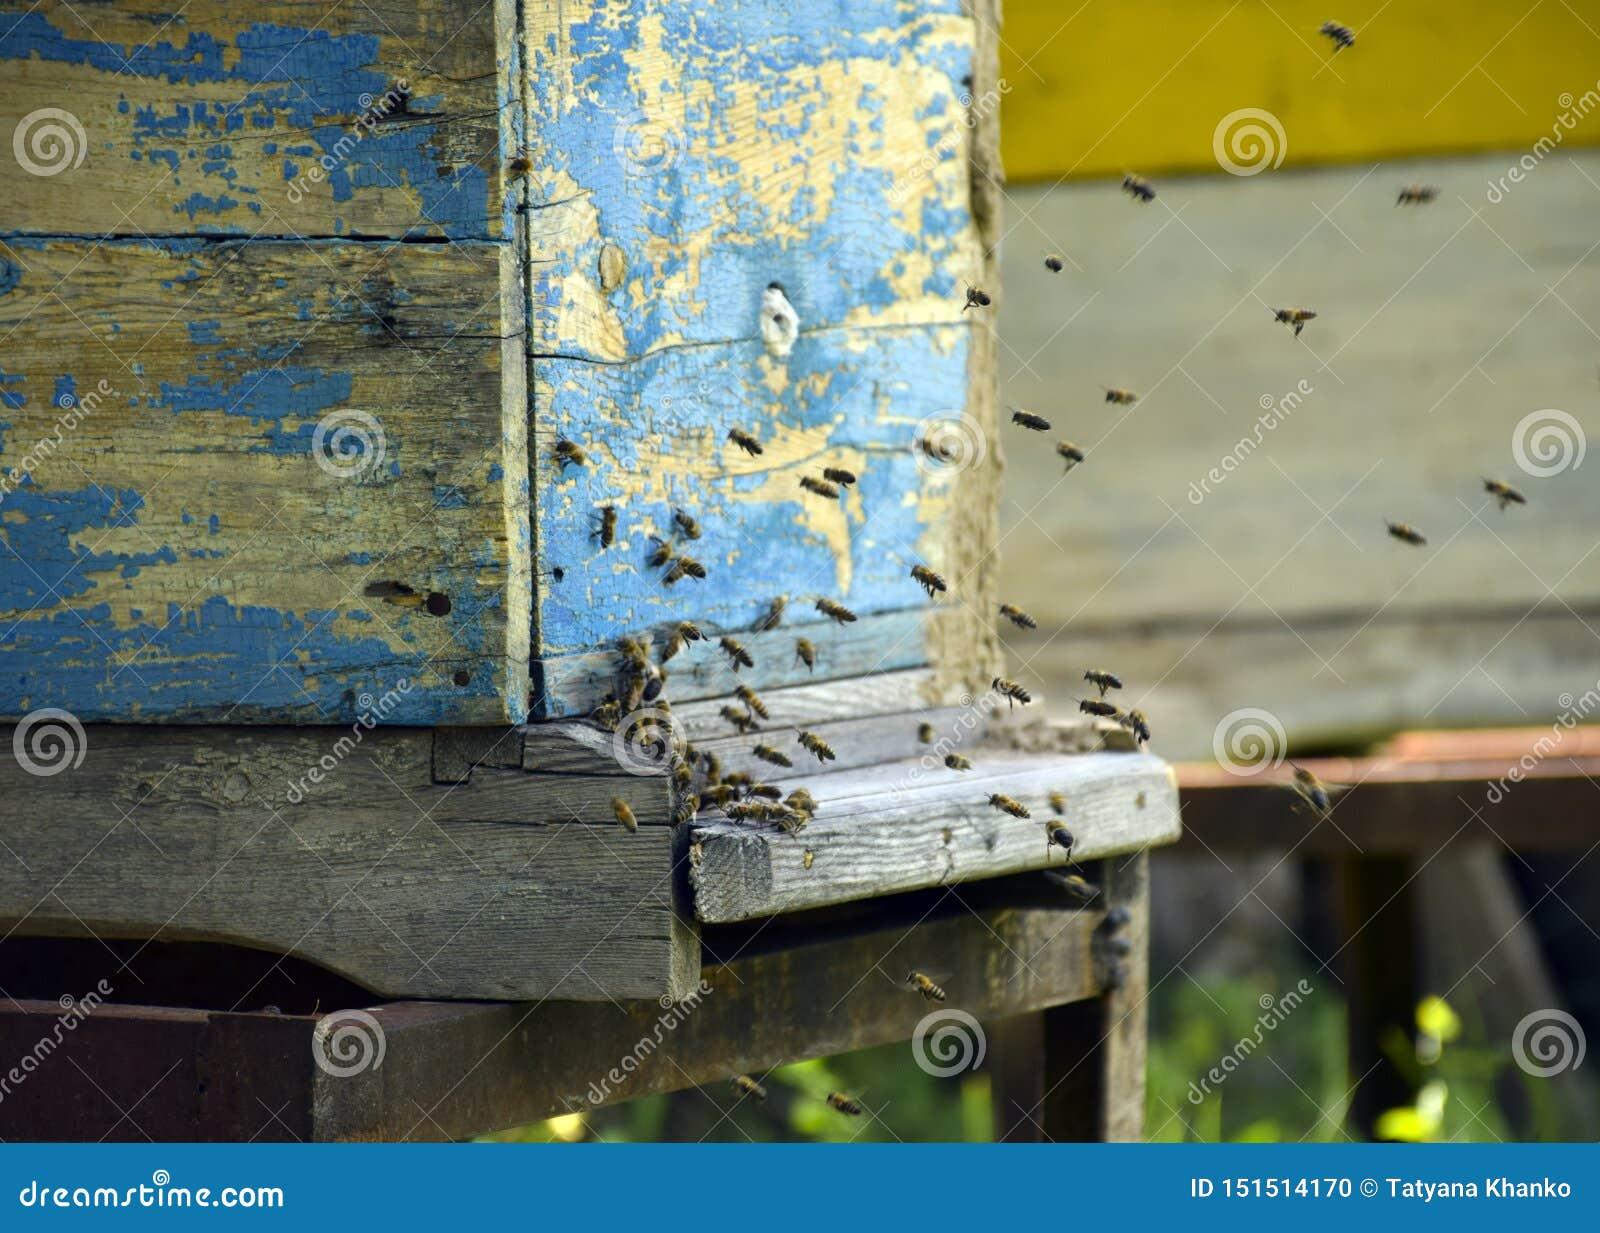 Bienen fliegen zum Bienenstock beekeeping Ein Schwarm von Bienen holt Honighaus apiary